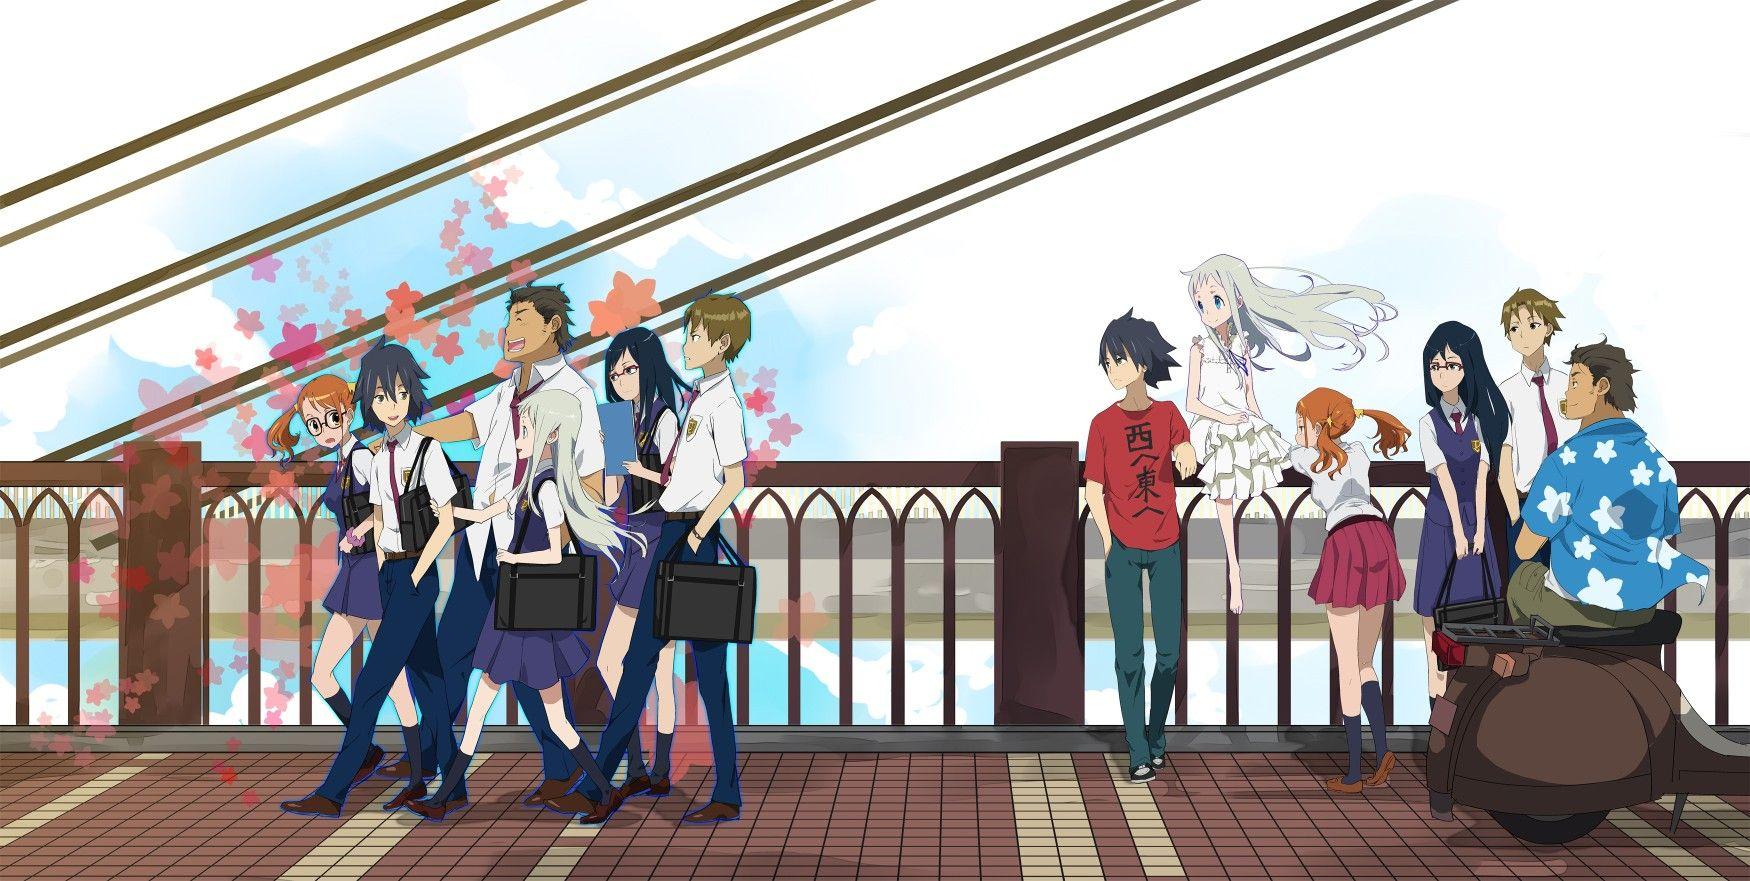 Anohana Anime, Personajes de anime, Portadas para facebook